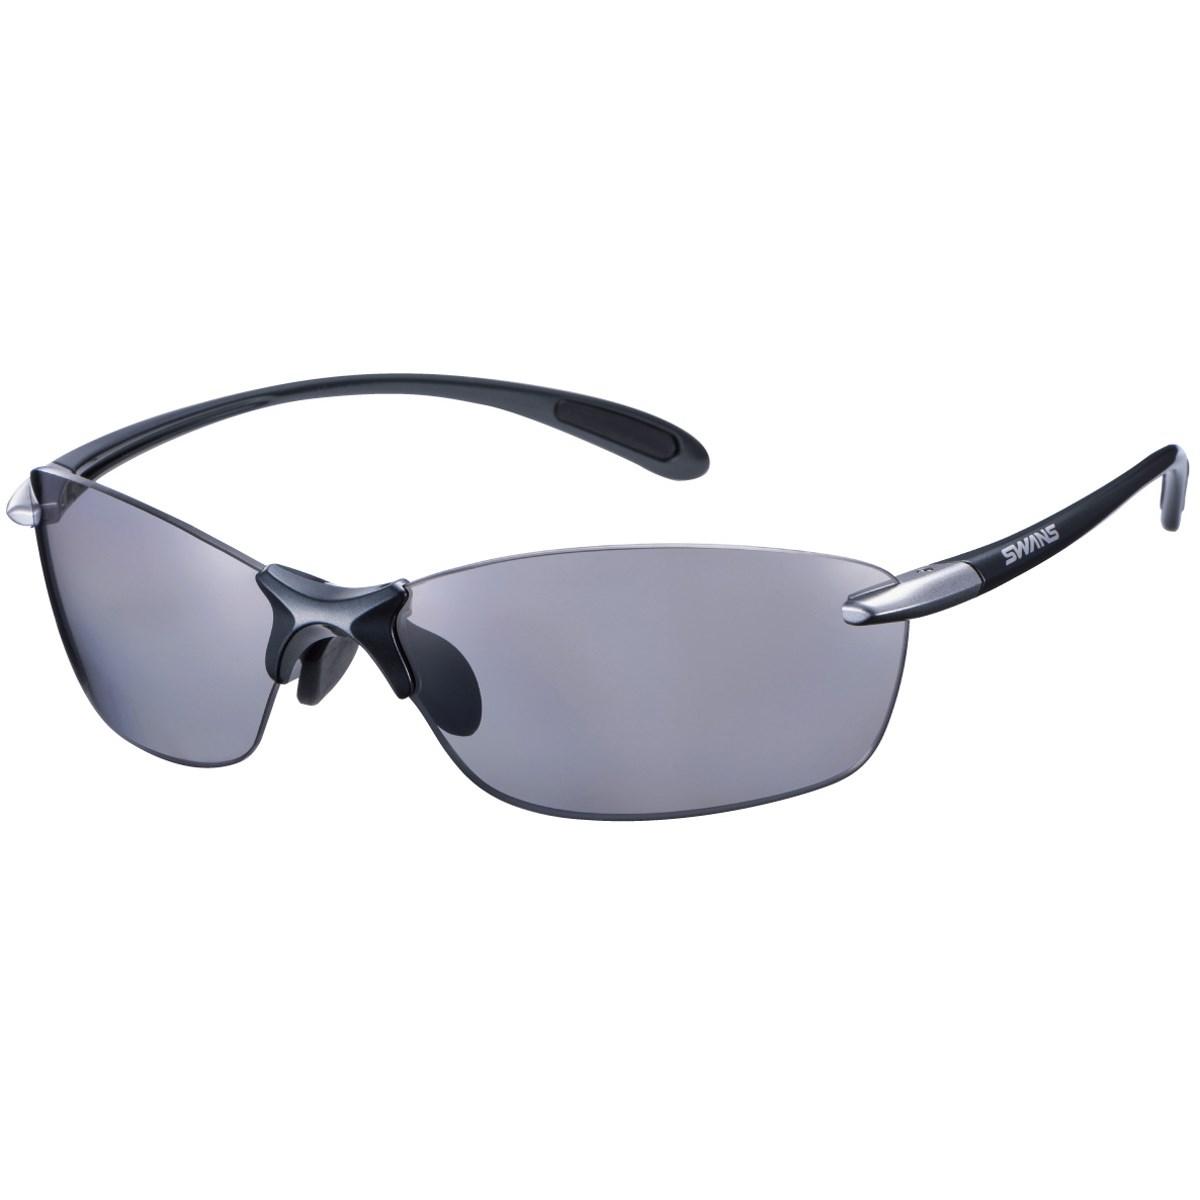 SWANS スワンズ 偏光レンズ スポーツサングラス ダークガンメタリック/ライトシルバー